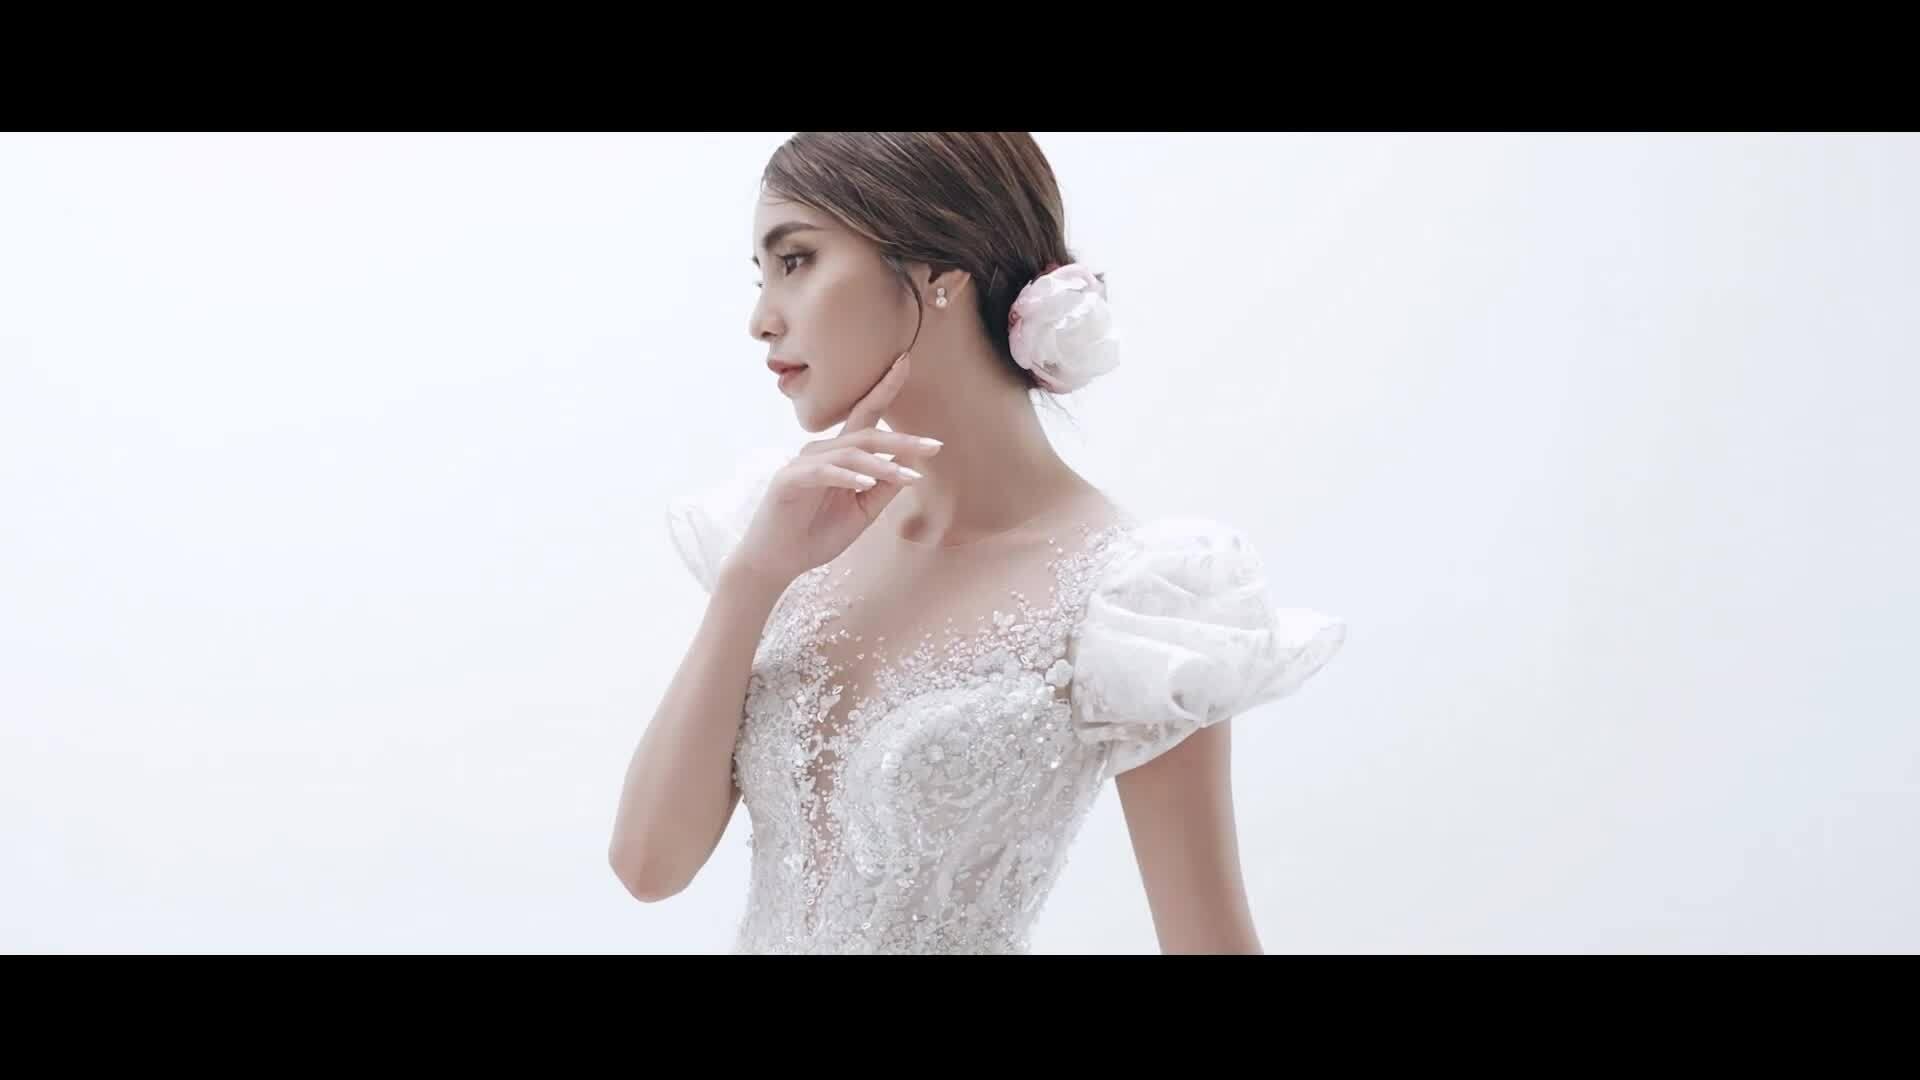 Váy cưới phong cách quý tộc châu Âu